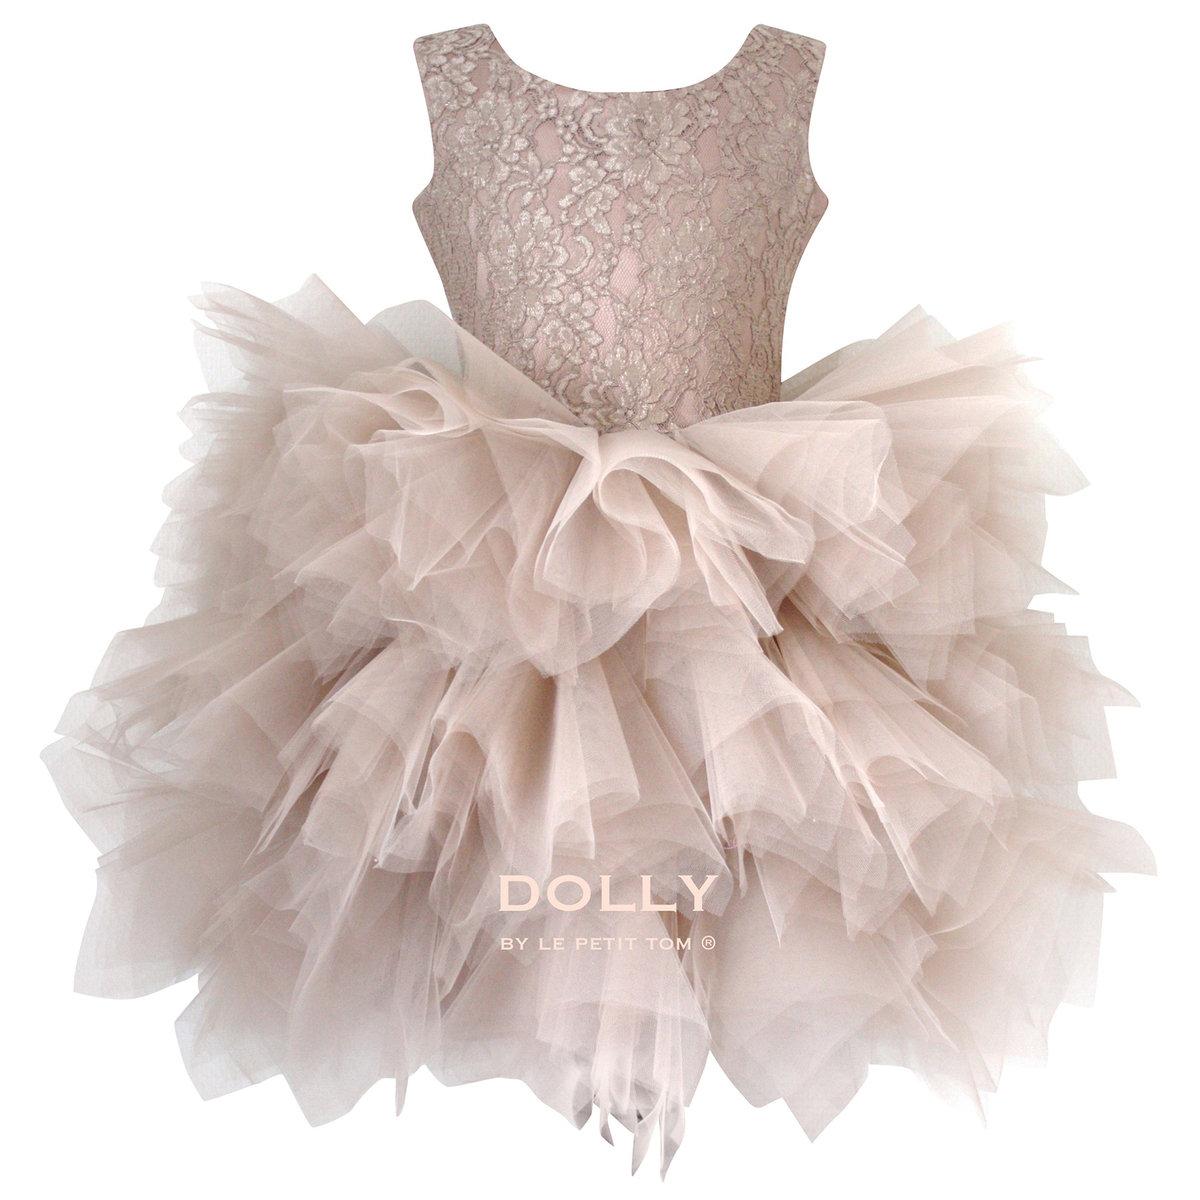 ballerina style taupe tutu